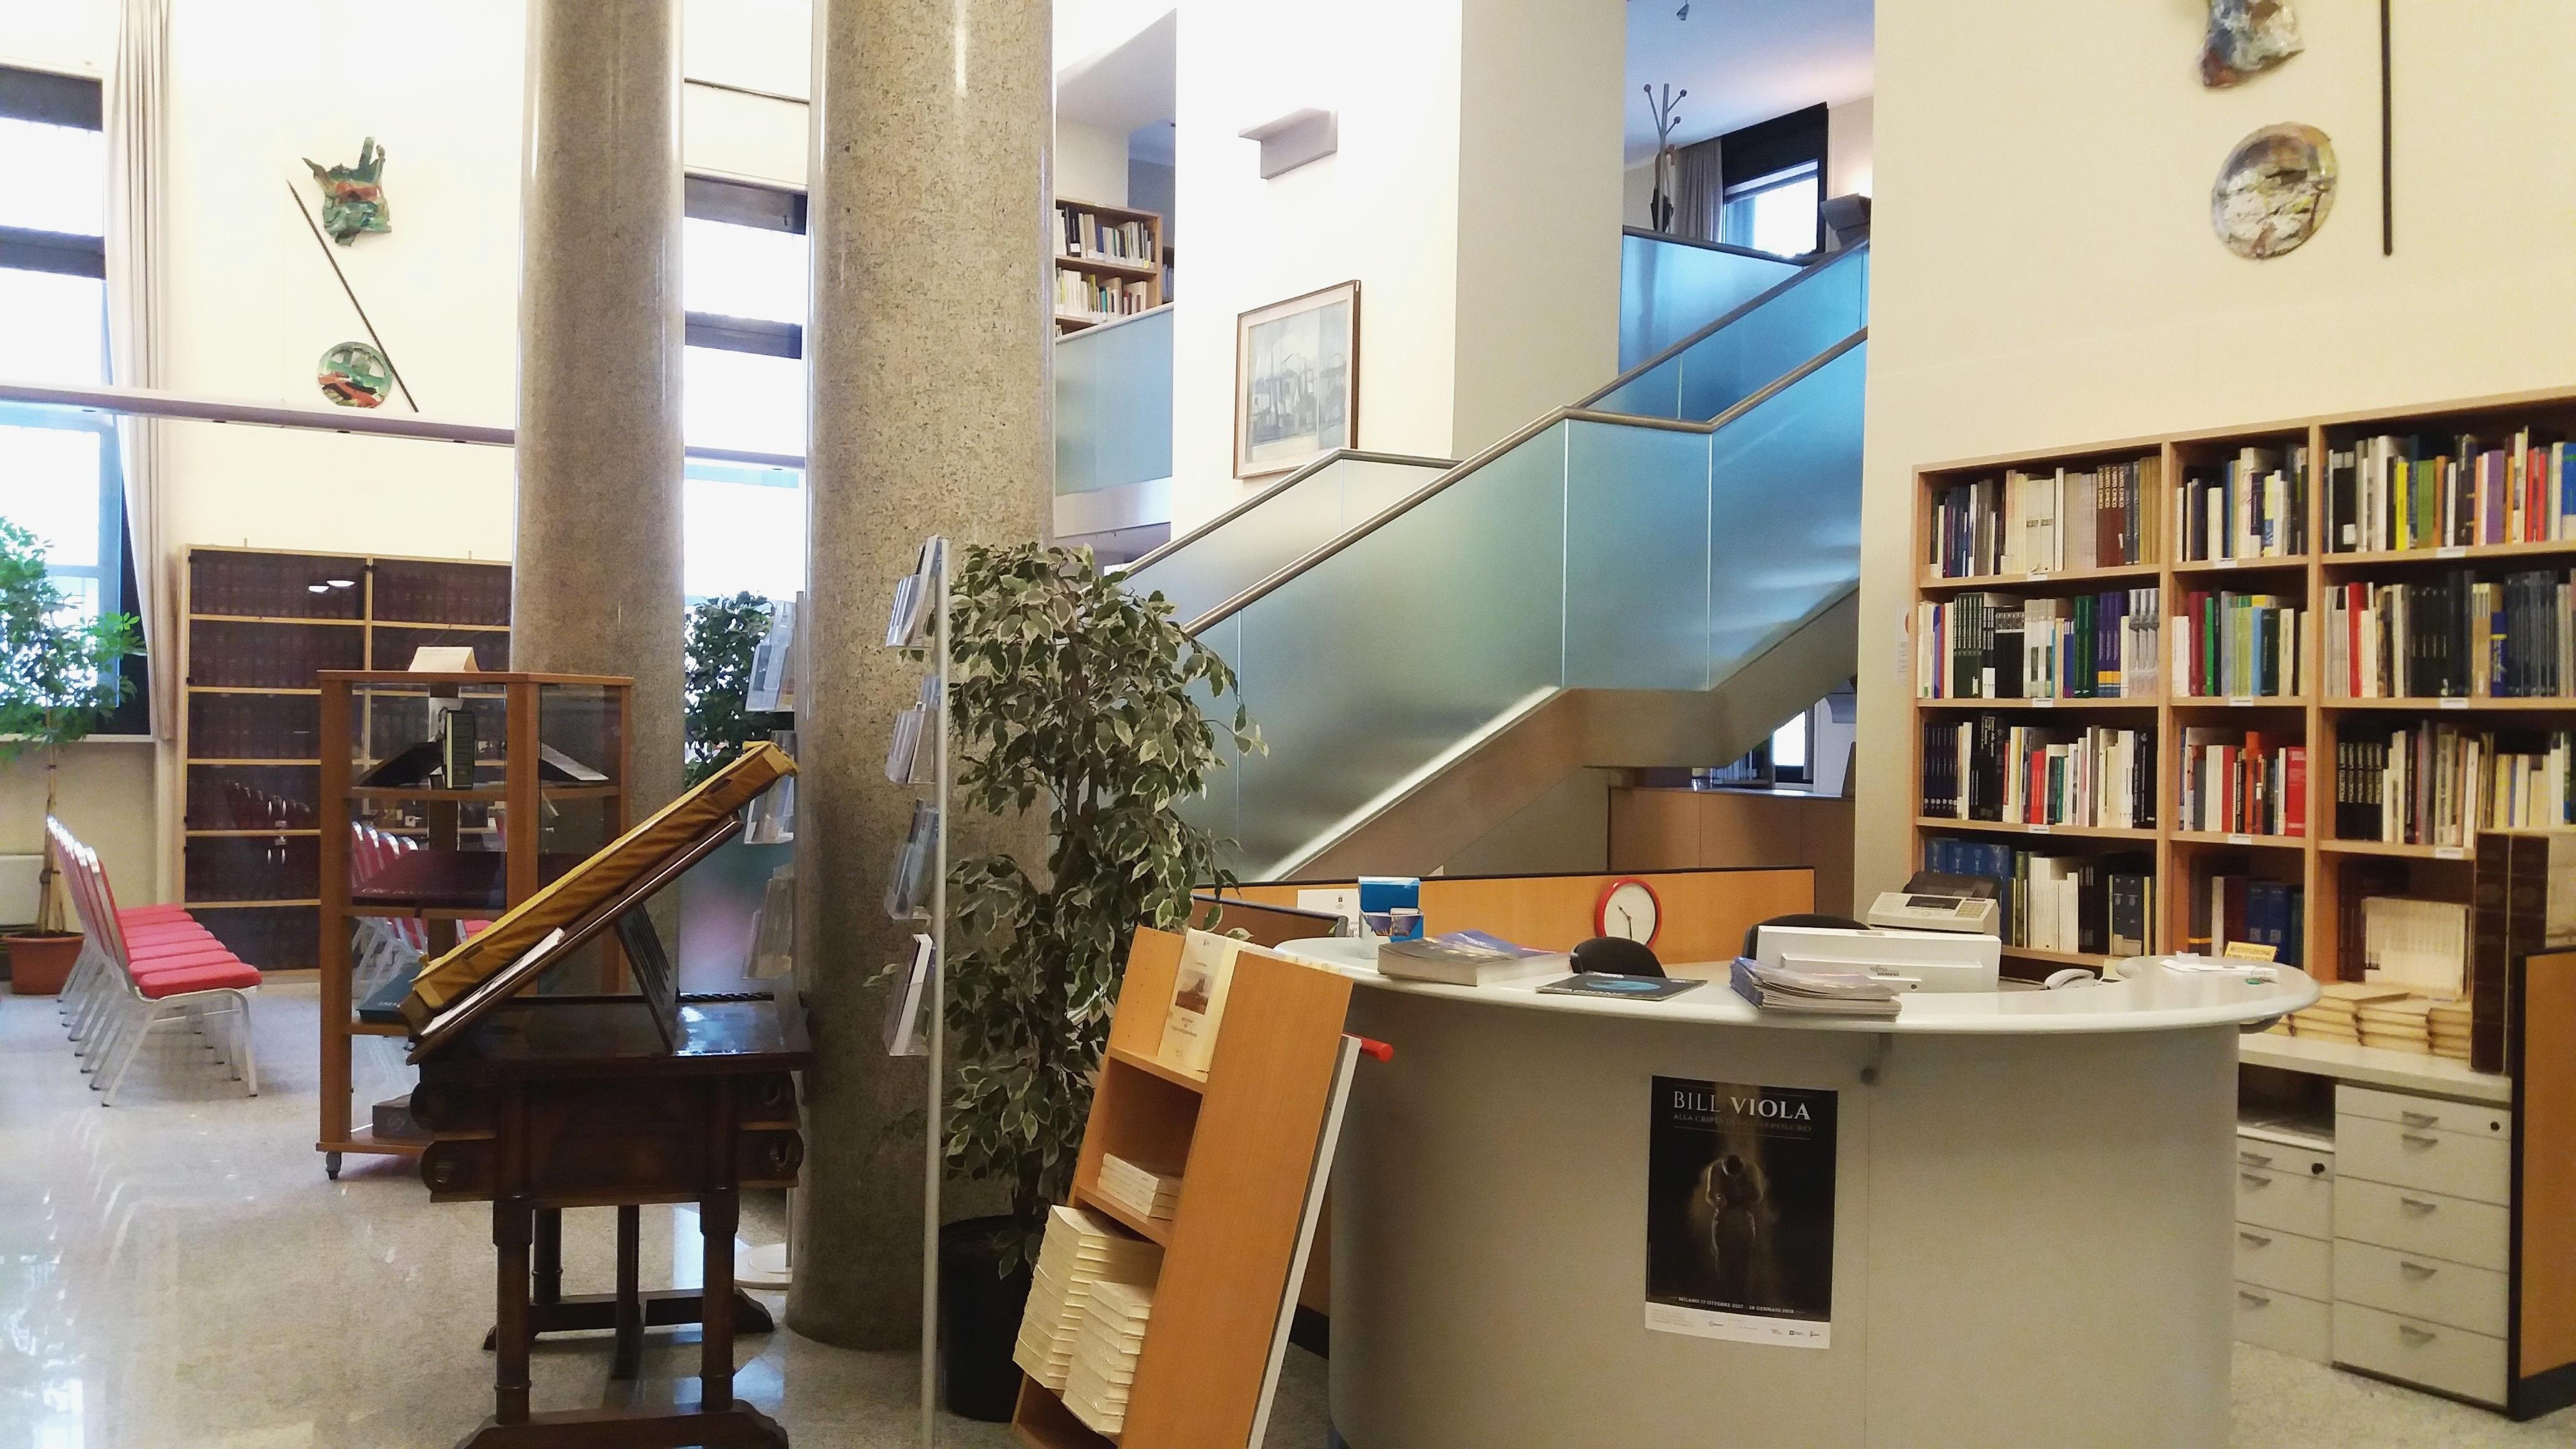 Biblioteca isimbardi della provincia di milano for Copia mobili di design